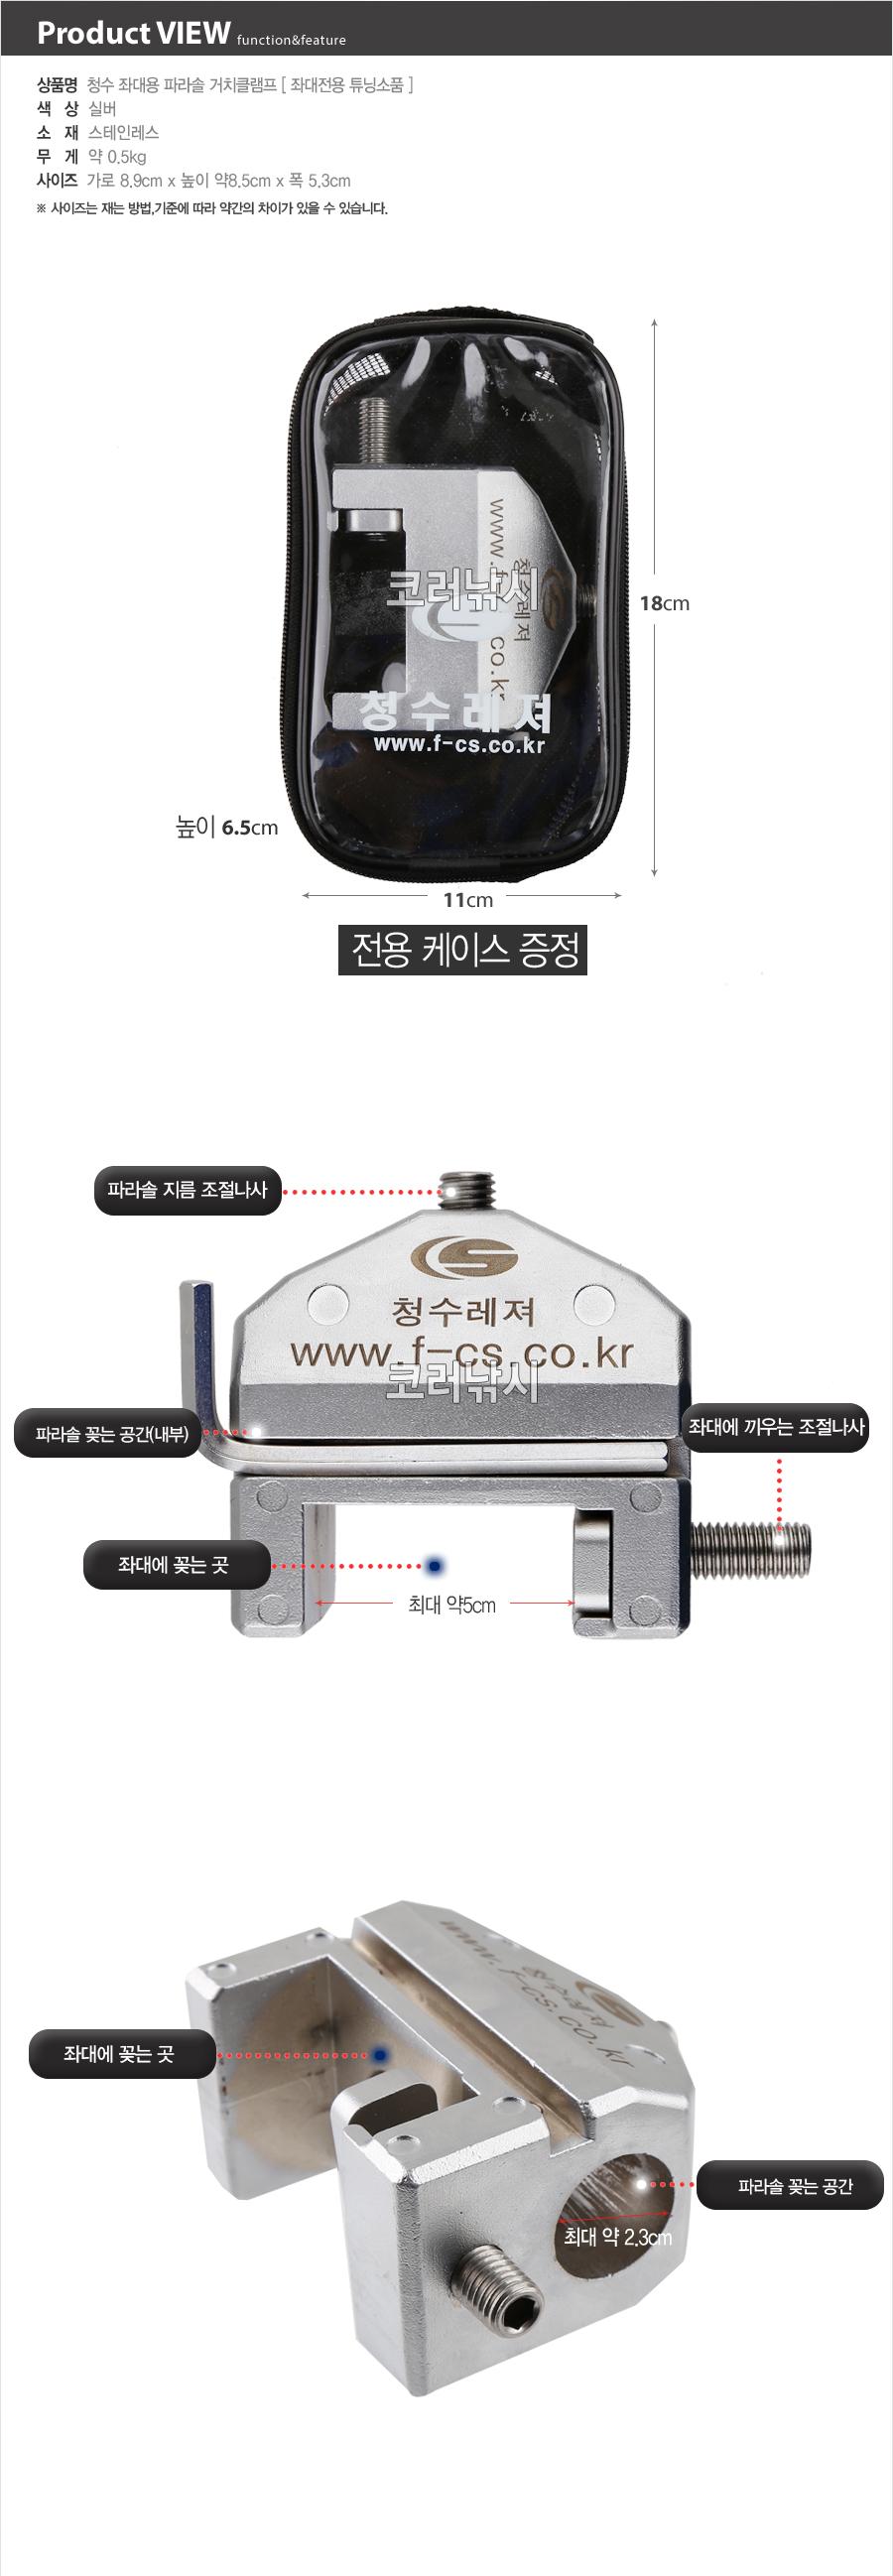 청수 좌대용 파라솔 거치클램프